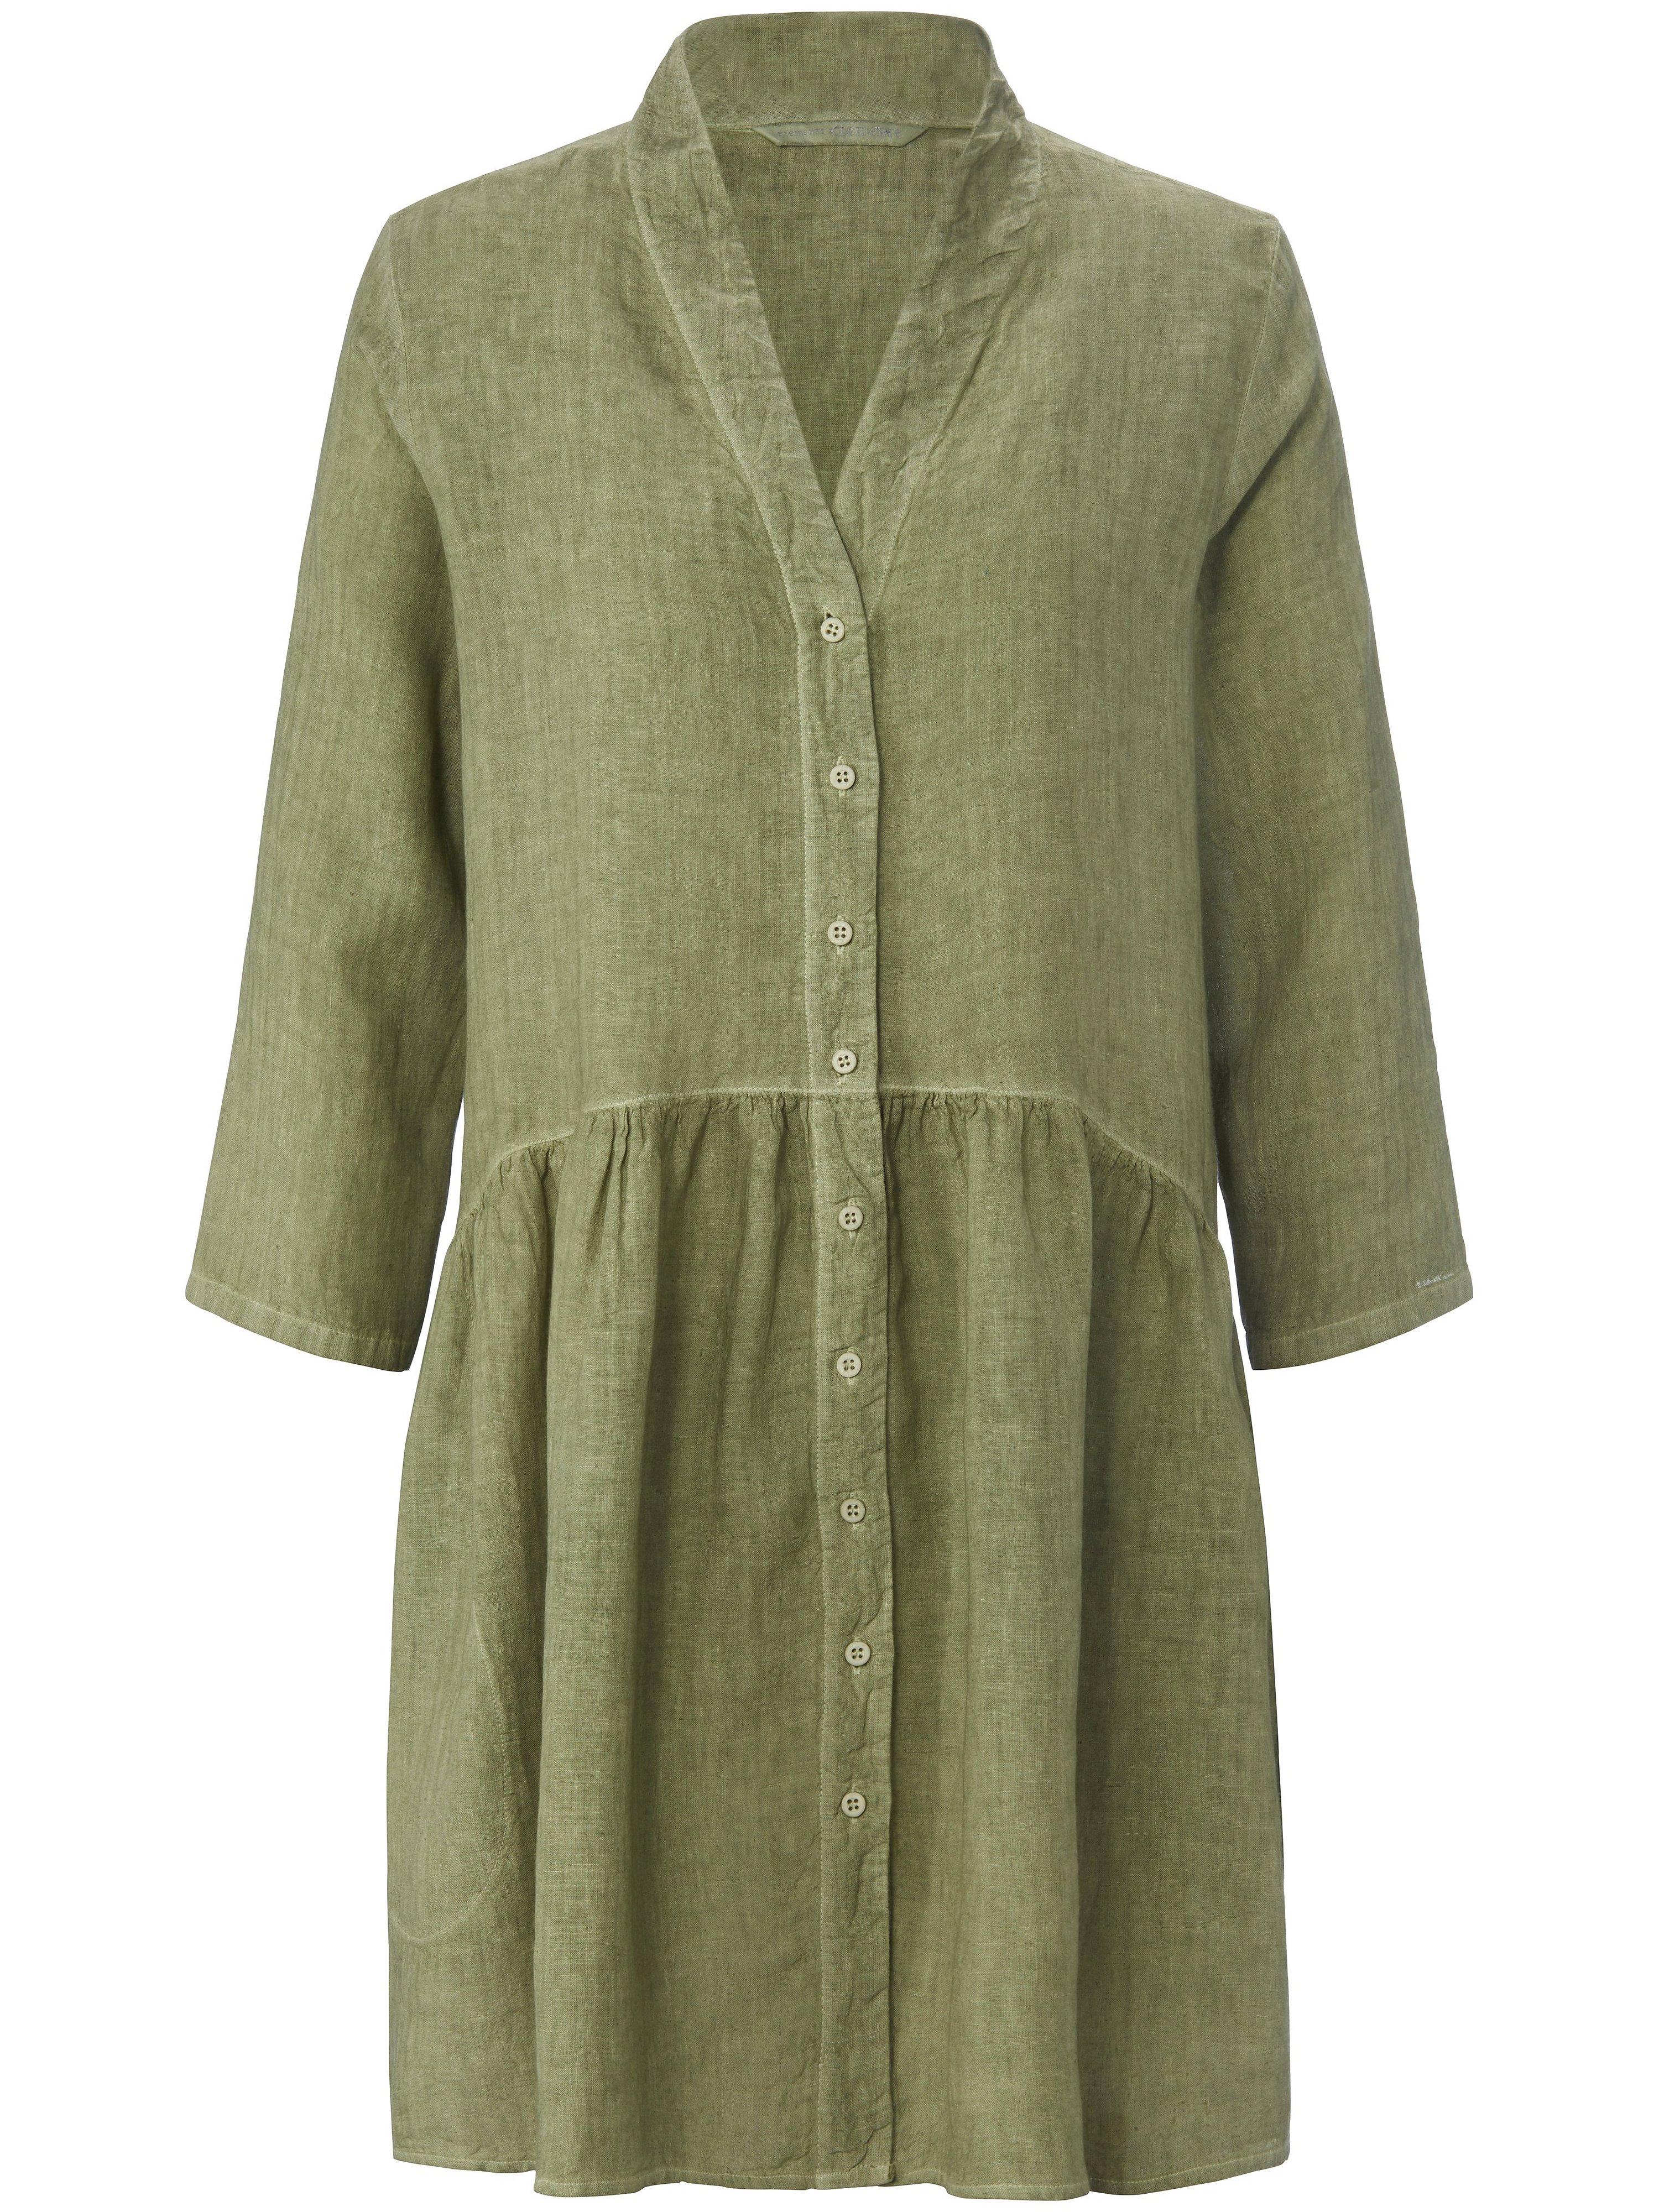 Lange blouse 100% linnen 3/4-mouwen Van elemente clemente groen